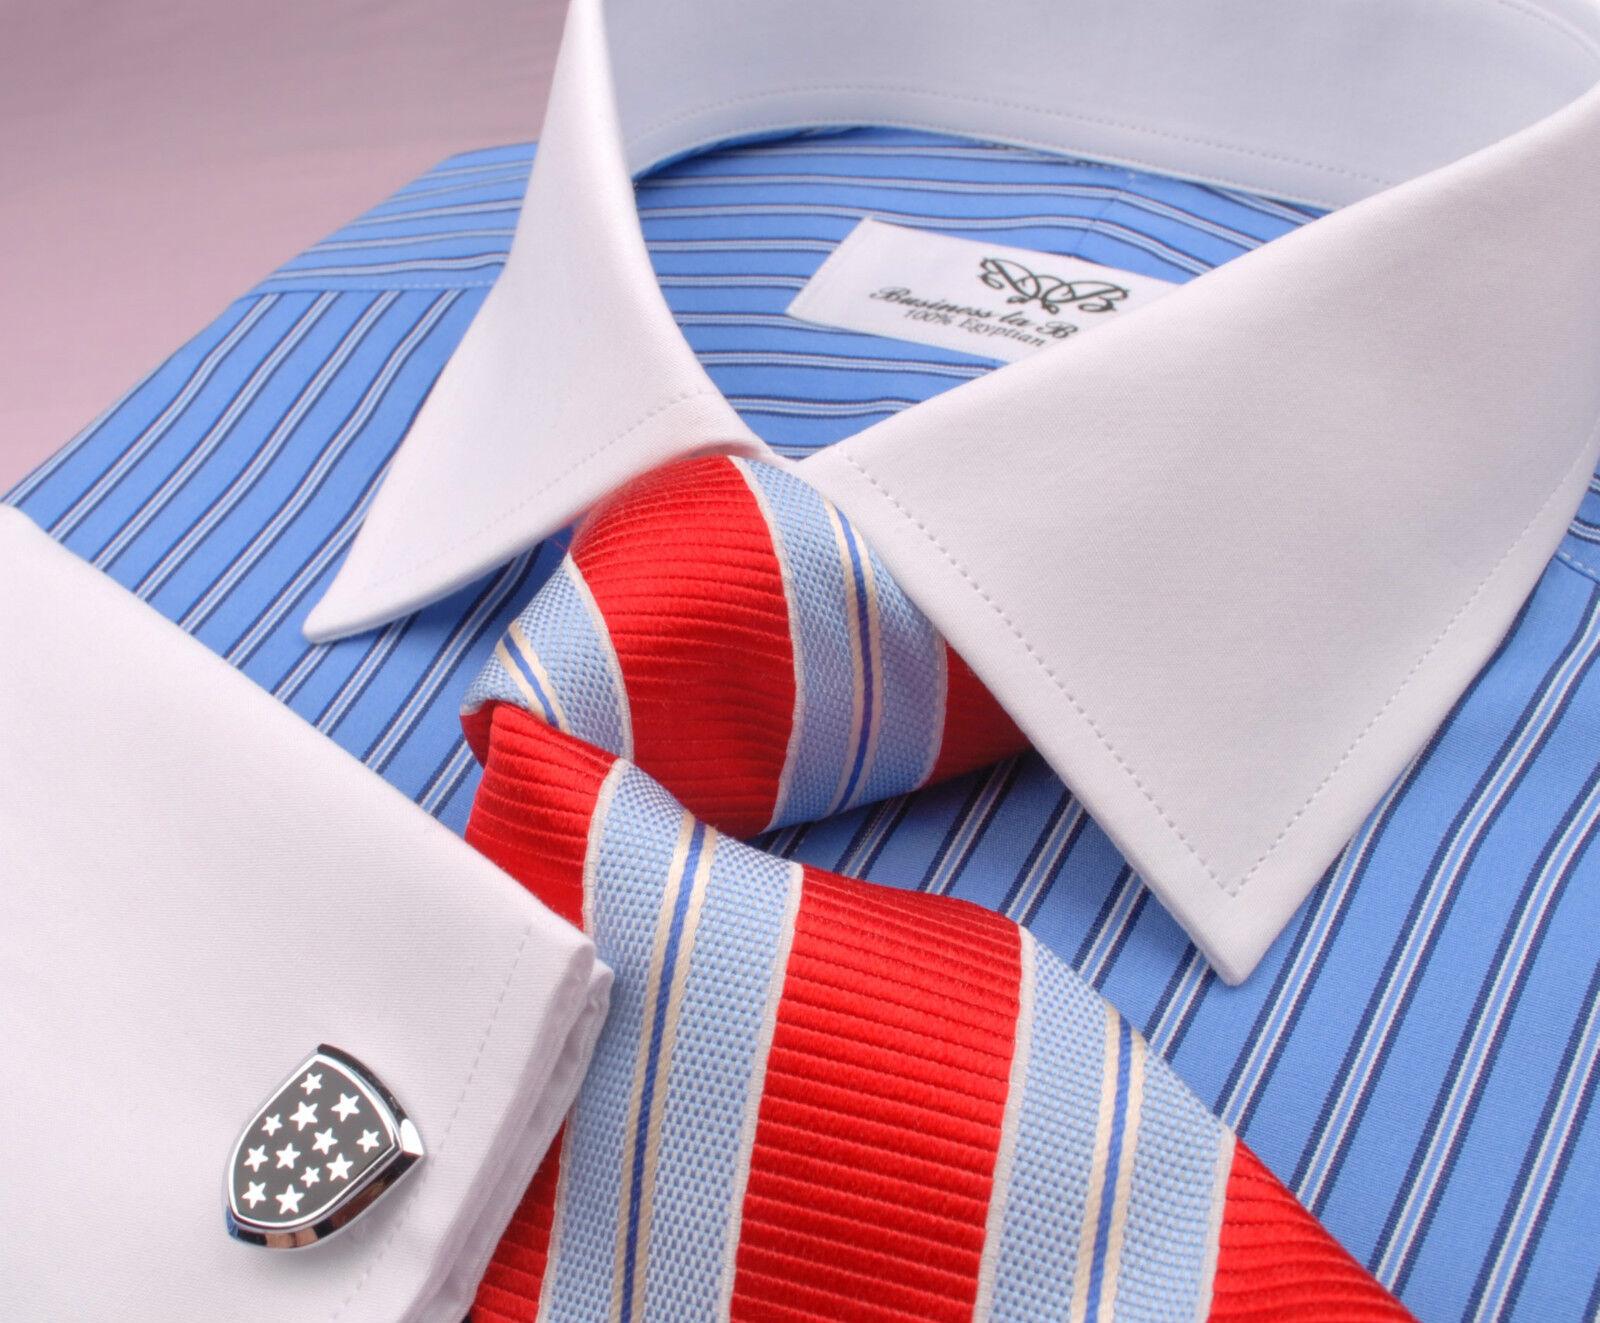 Double Blau Mini Weiß  Herren Boss Contrast Cuff Formal Geschäft Dress Shirt Style